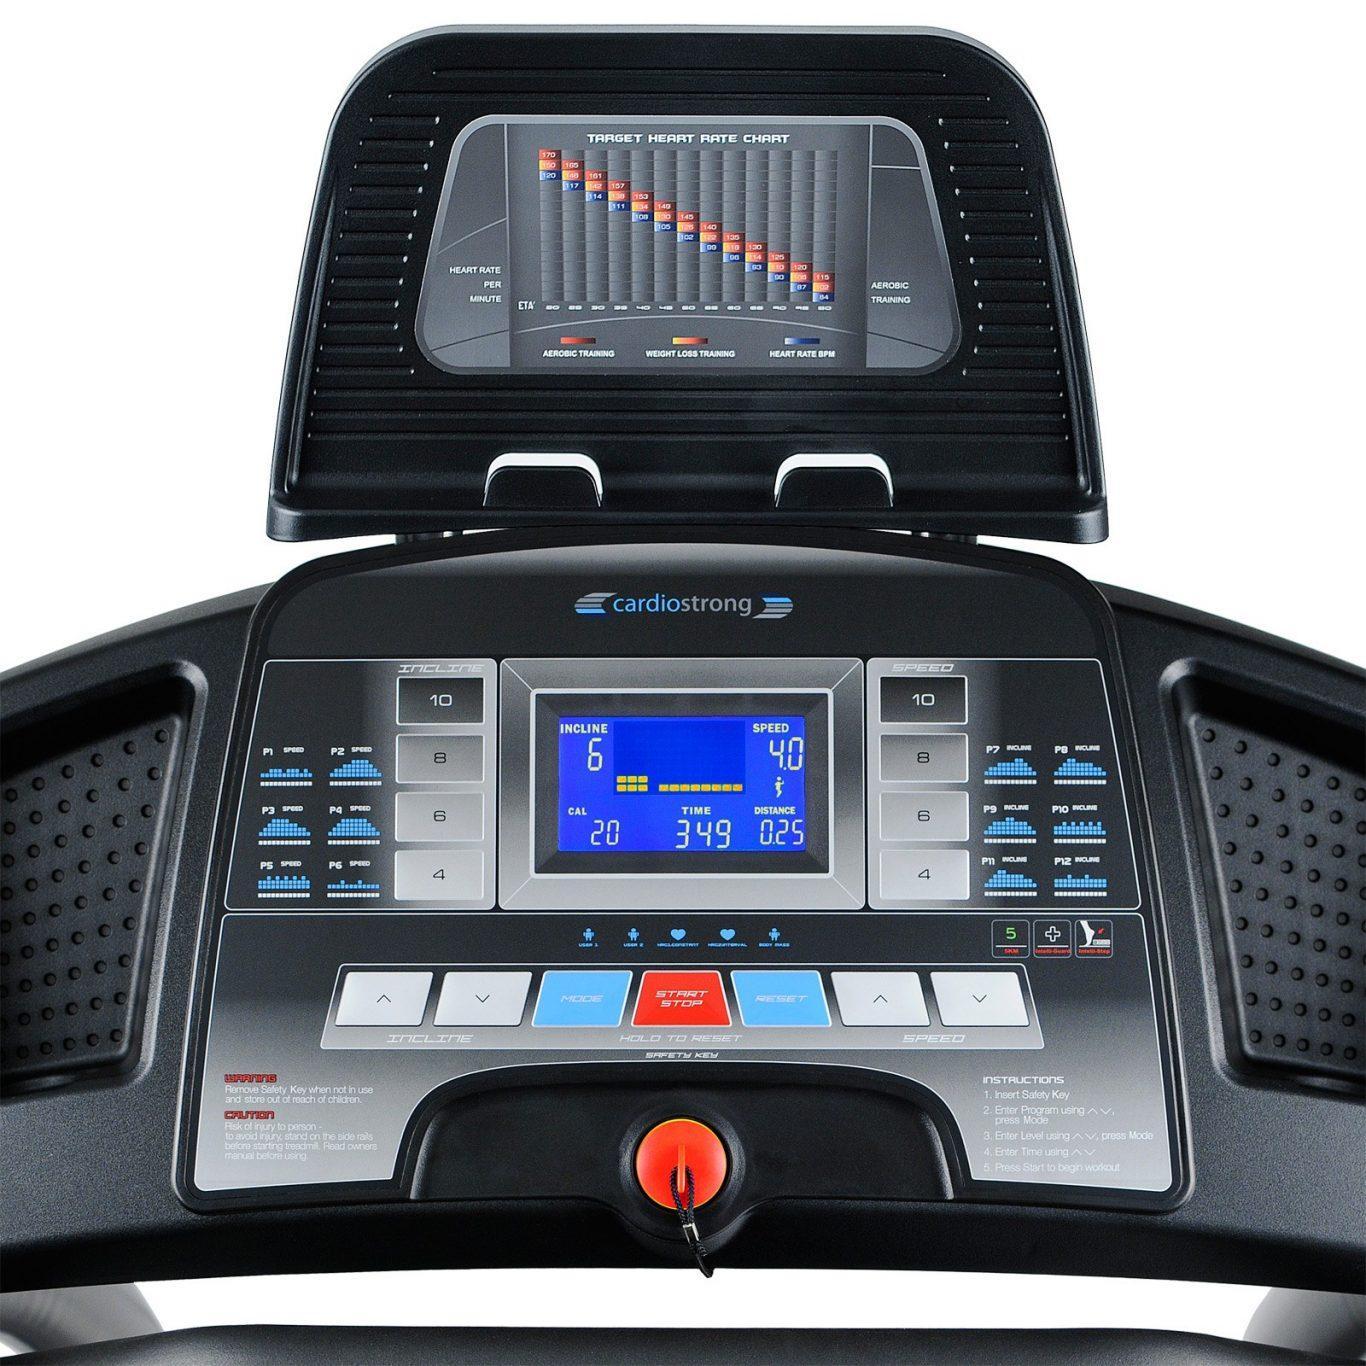 Cardiostrong TX50